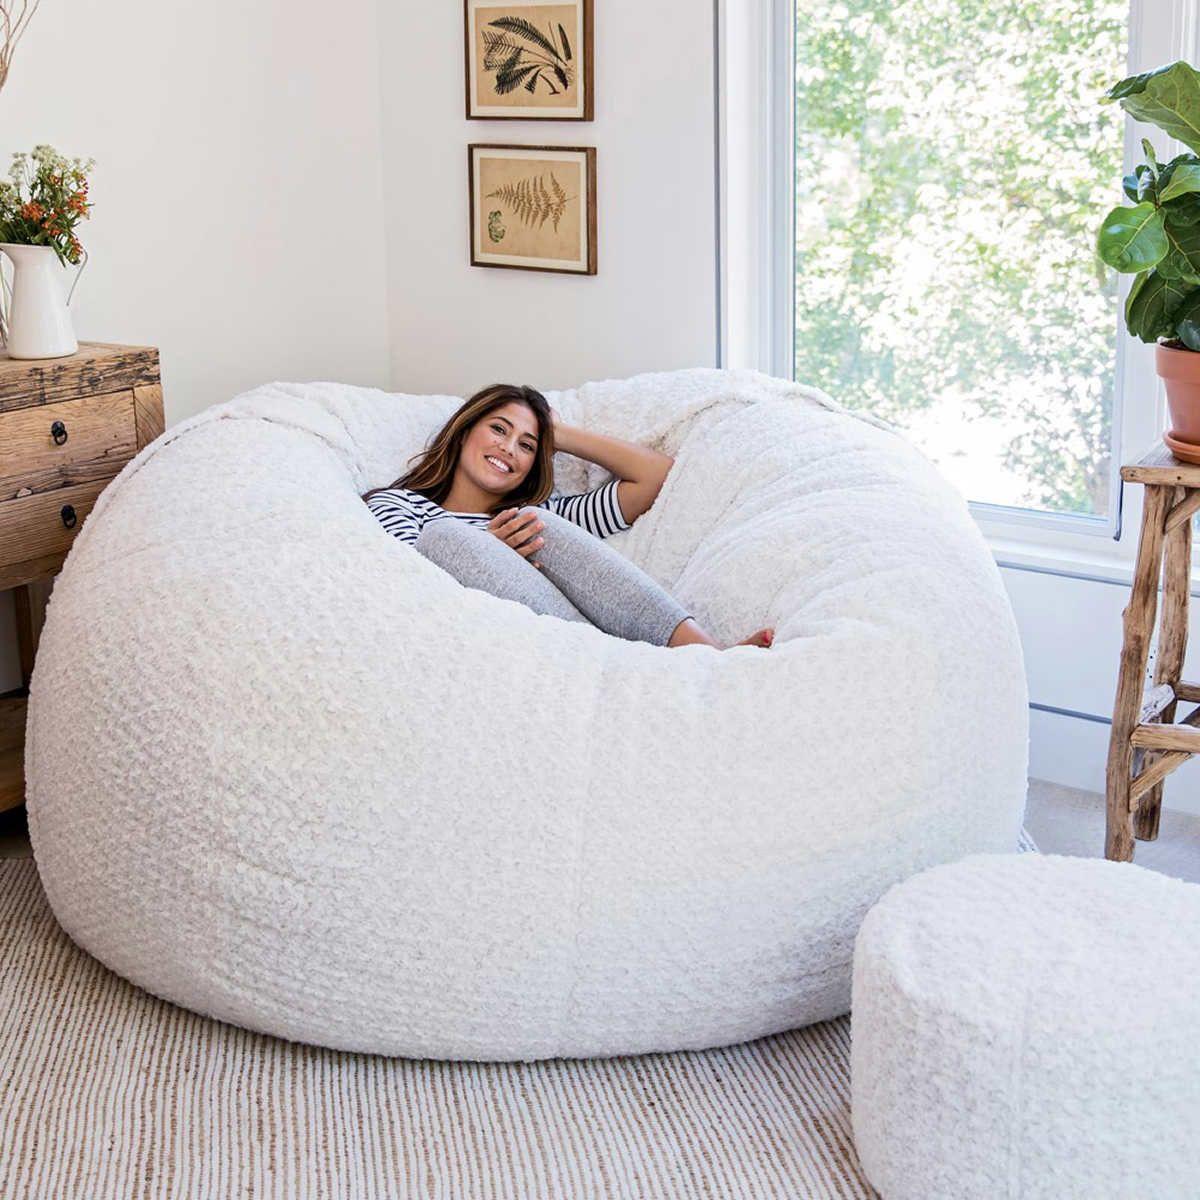 Lovesac Sac Bundle With Squattoman Lovesac Bean Bag Chair Comfortable Seating Luv sack bean bag chair